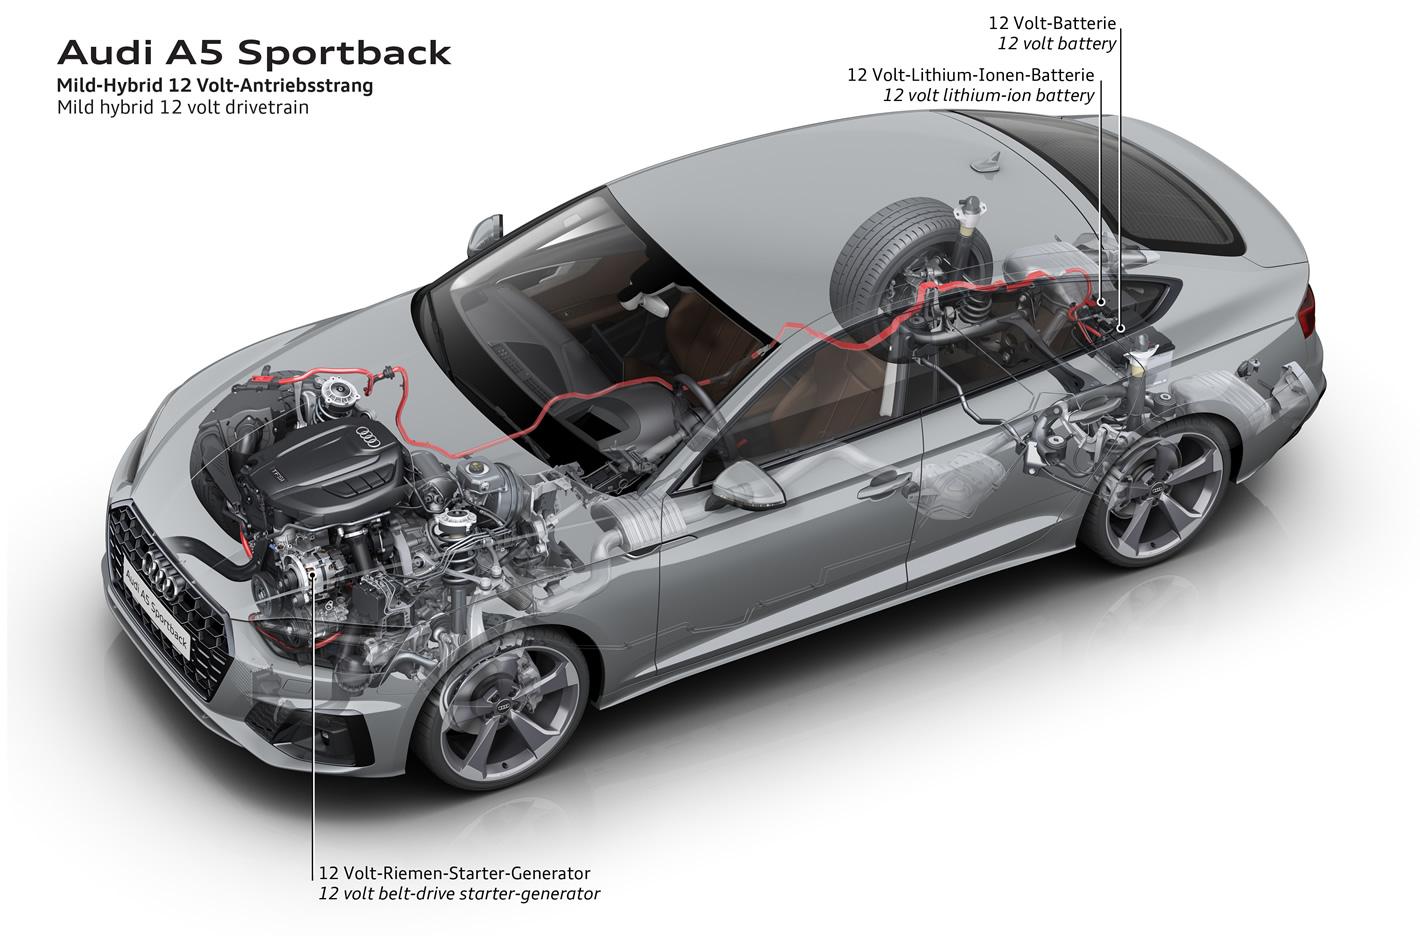 Audi A5 Sportback 40 TFSI z Mild Hybrid